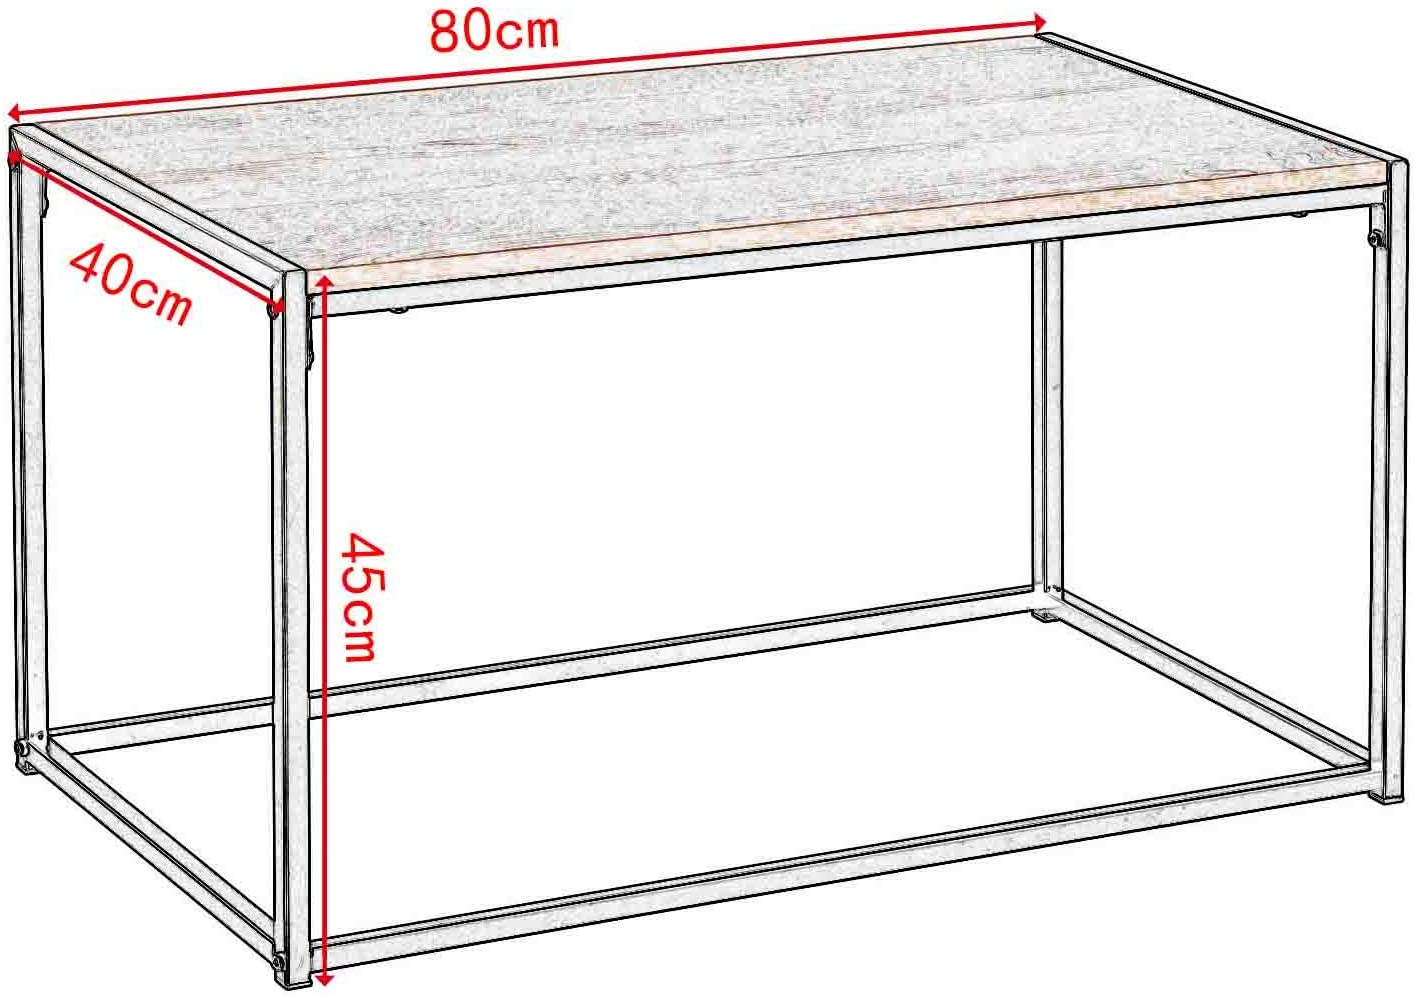 eSituro Tavolino da Salotto Moderno Tavolino Divano da caff/è Tavolino Basso Legno Chiaro 80x40x45cm SCD0040